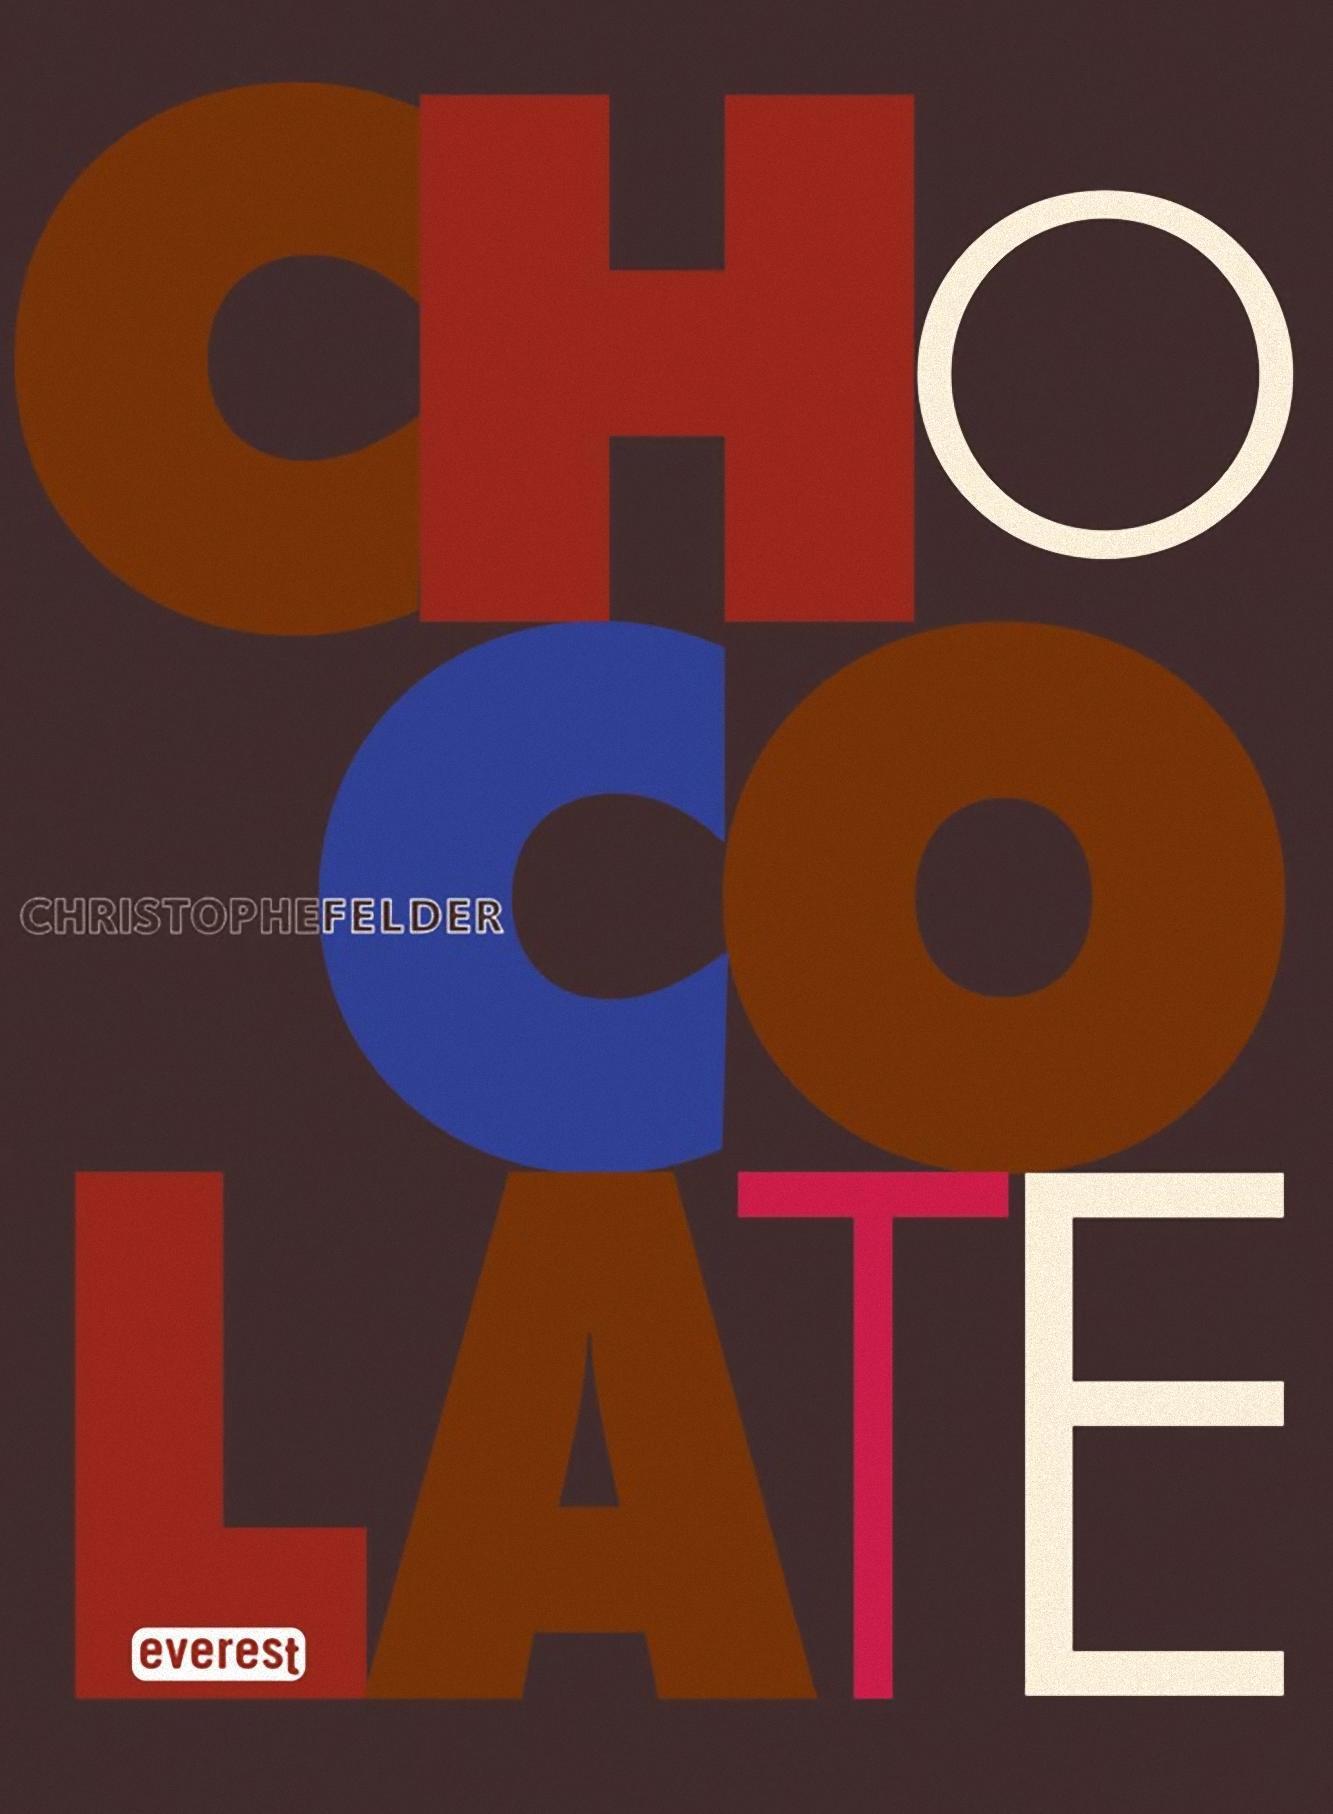 Chocolate Christophe Felder